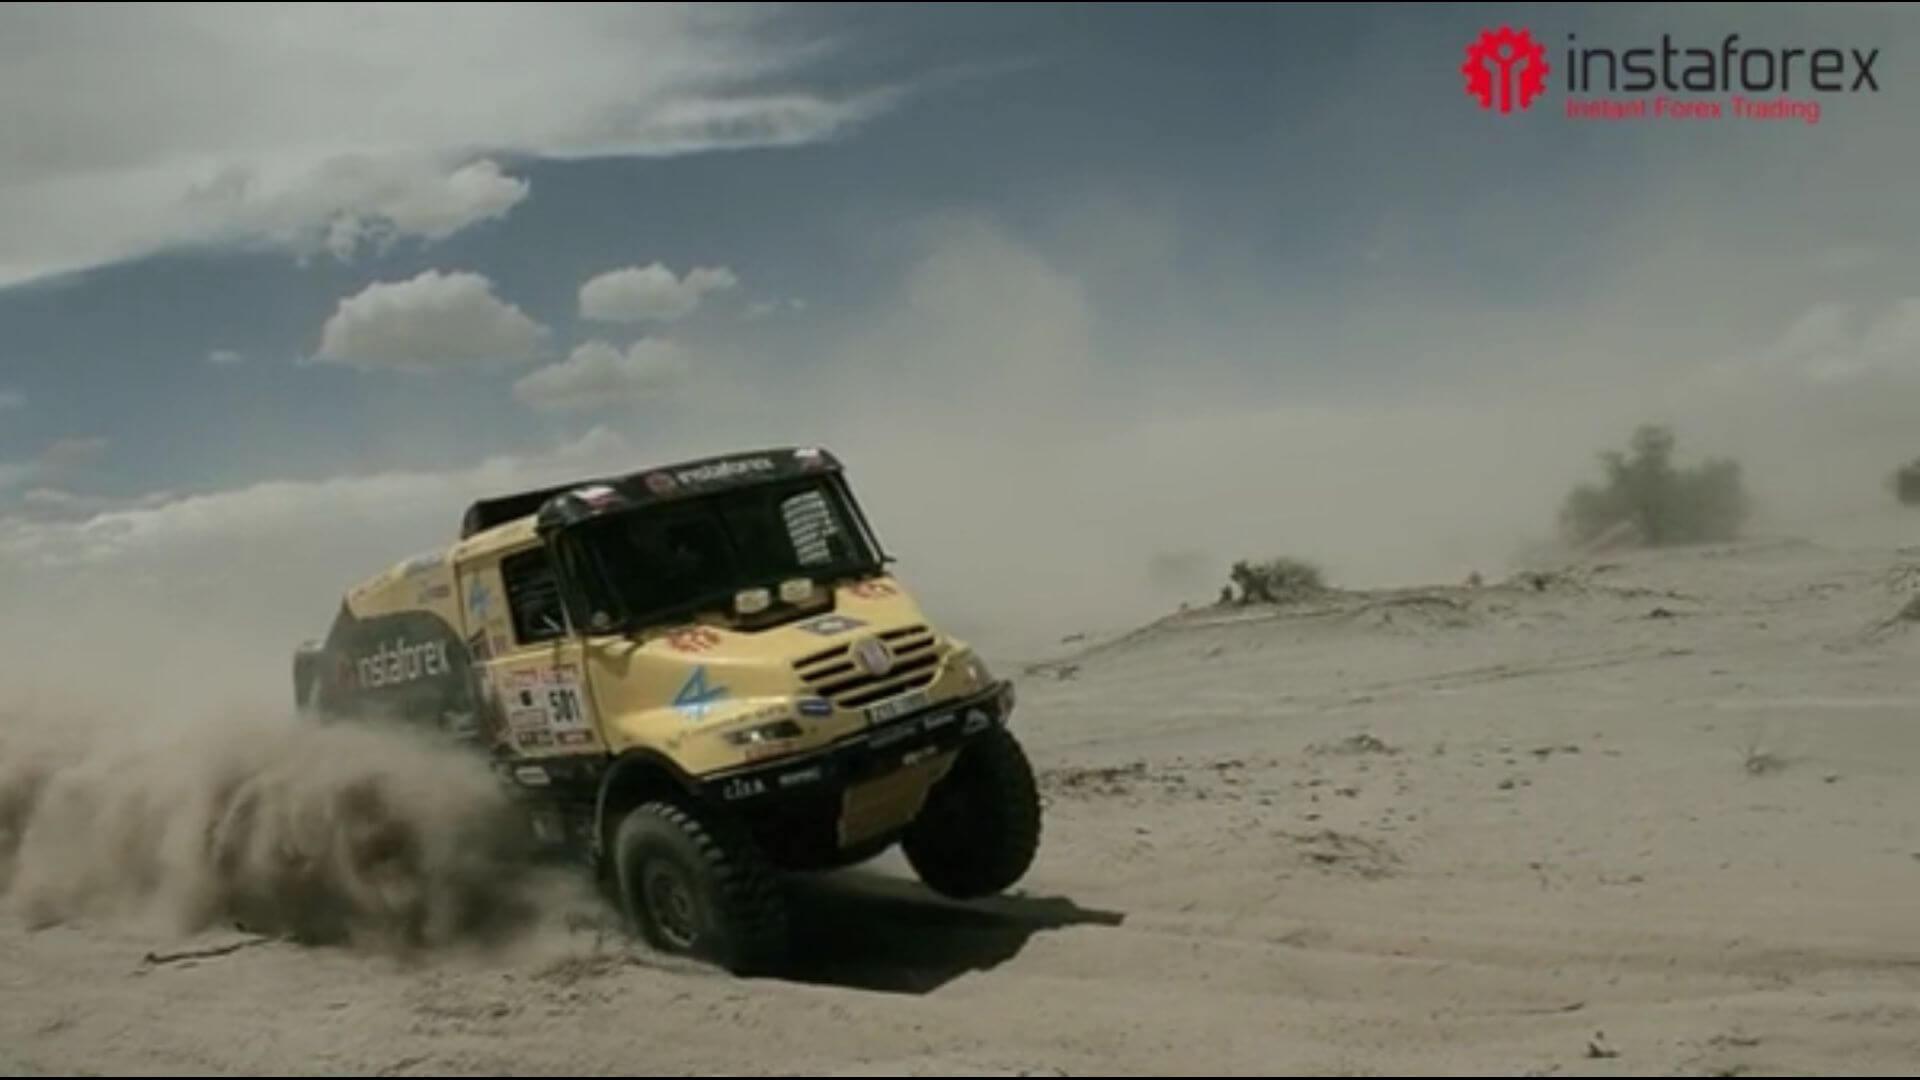 Entrevista dada por Ales Loprais durante o Dakar 2012